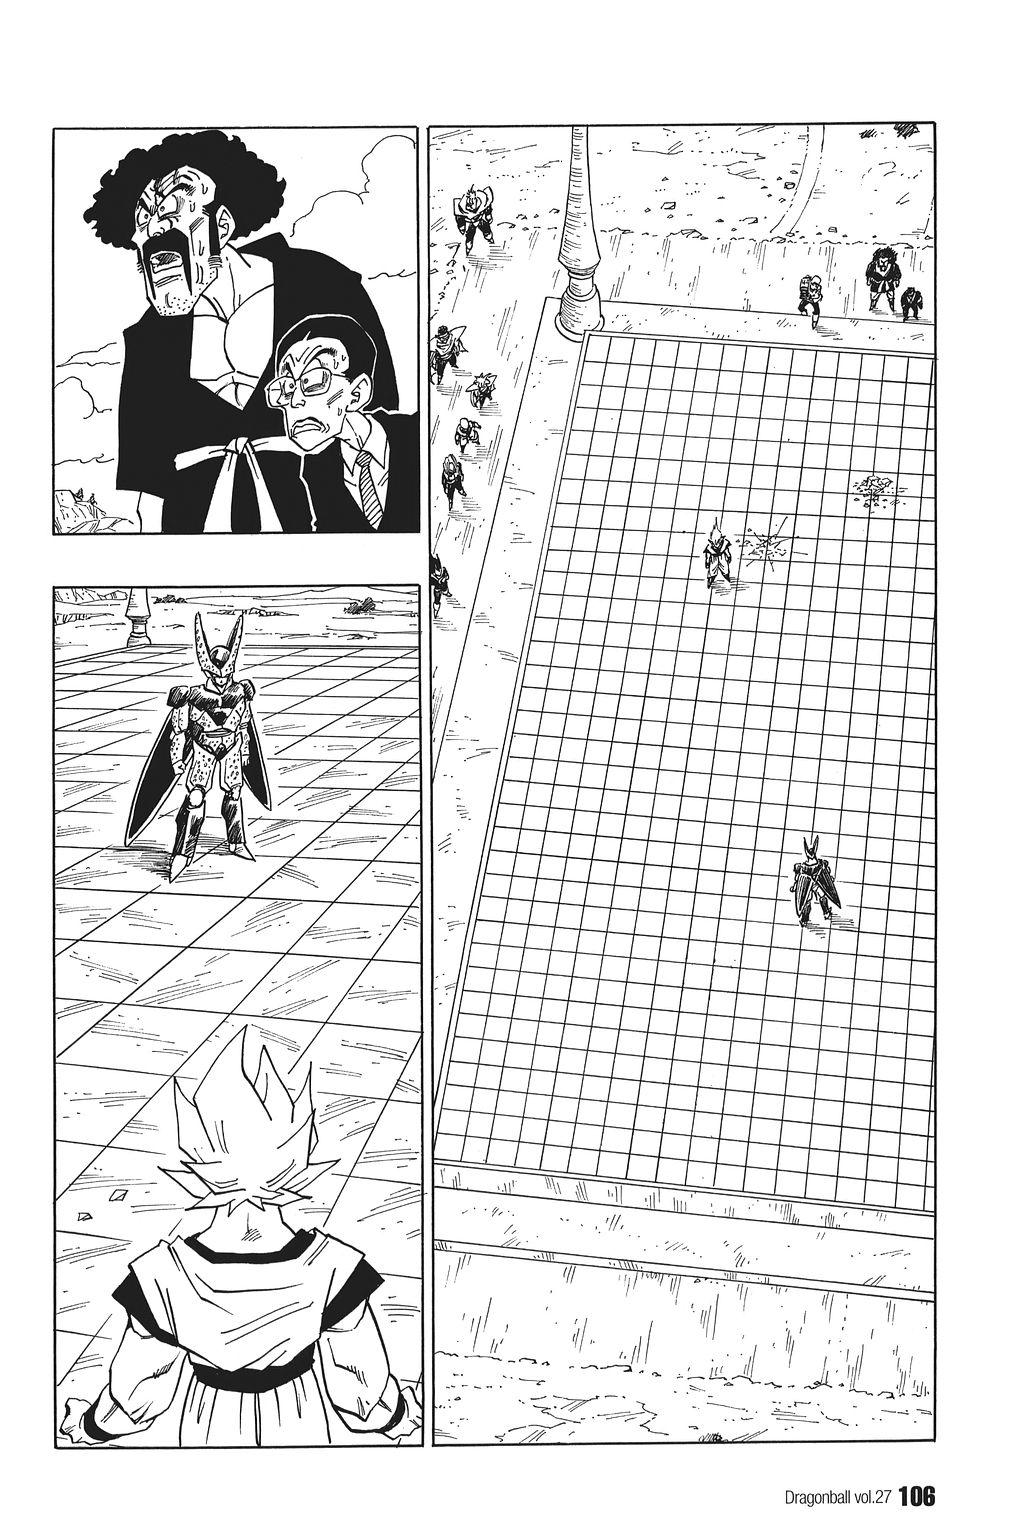 xem truyen moi - Dragon Ball Bản Vip - Bản Đẹp Nguyên Gốc Chap 398